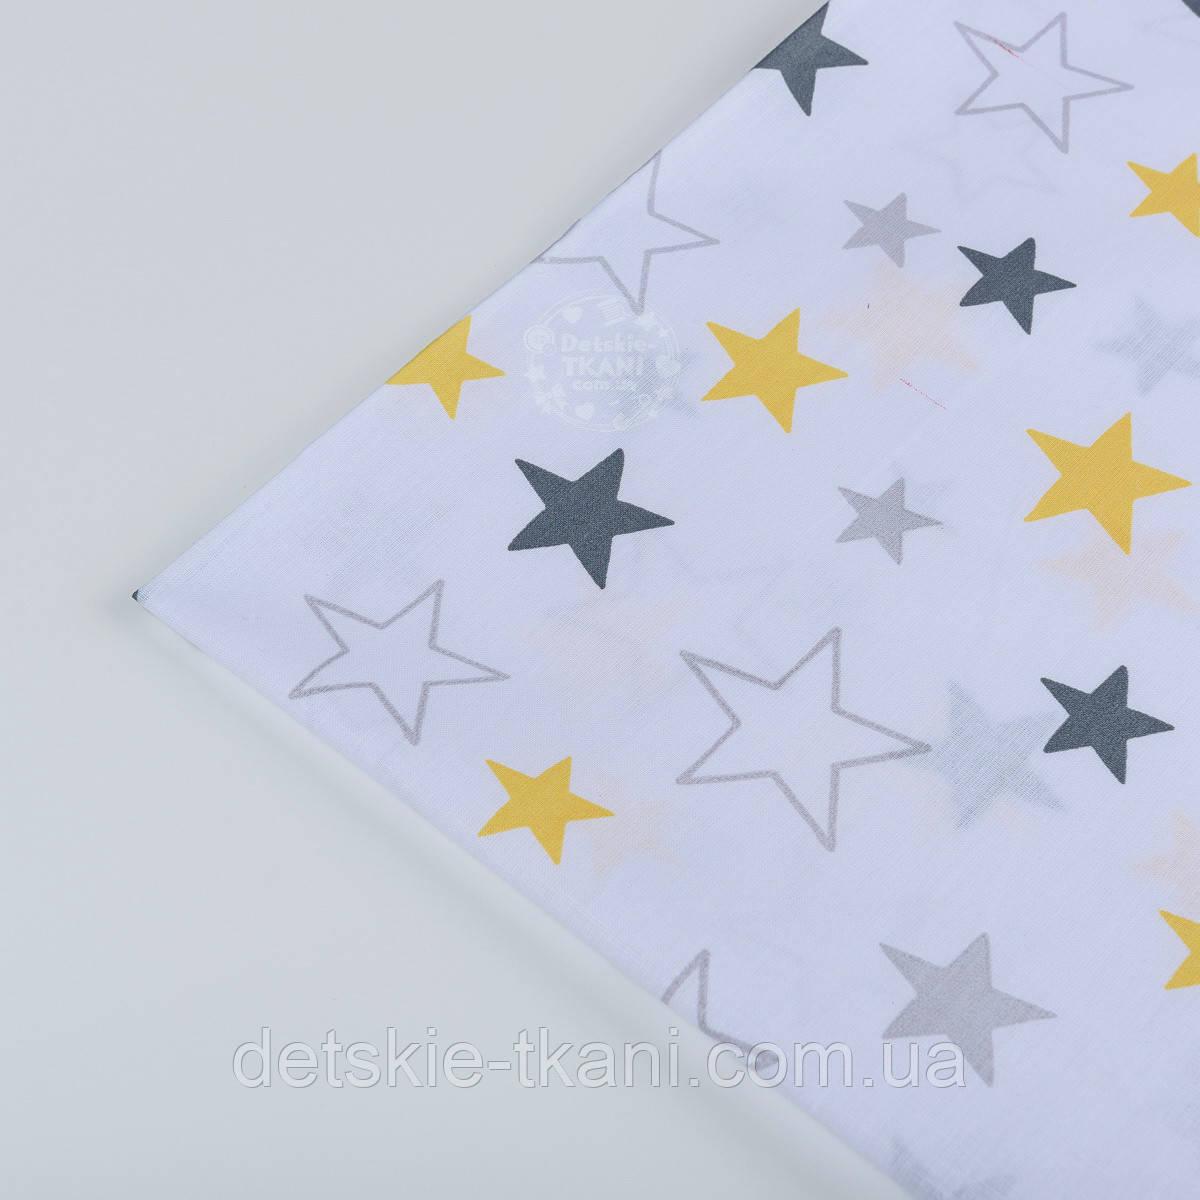 """Отрез ткани №1038а  """"Звёздный карнавал"""" с серыми и жёлтыми звёздами на белом фоне, размер 94*160"""